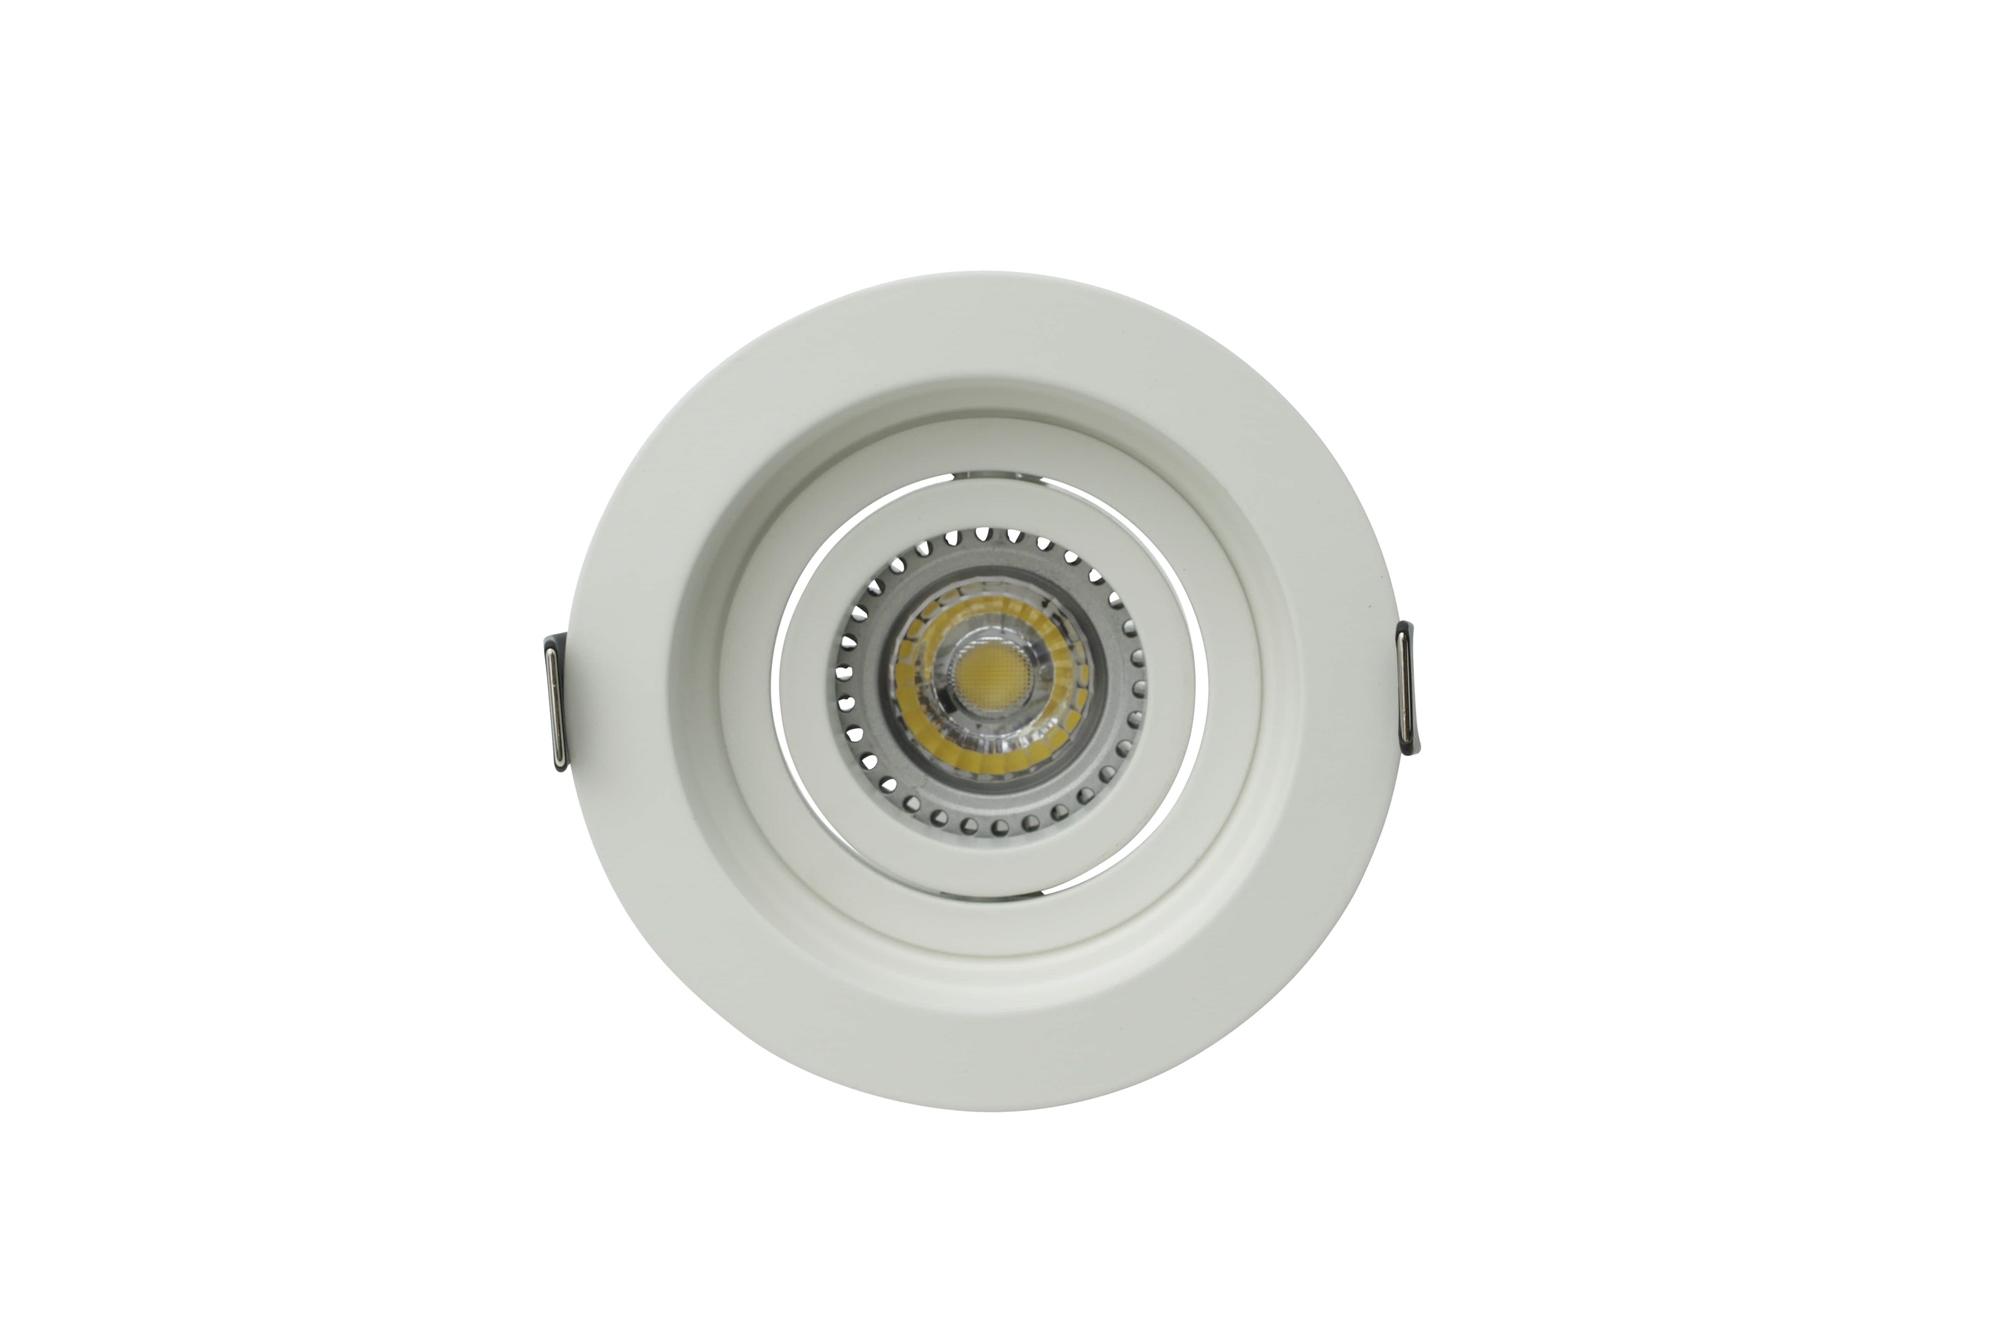 Lampenlux Einbaustrahler Sandi dreh- und schwenkbar Einbauspot Aluminium Downlight